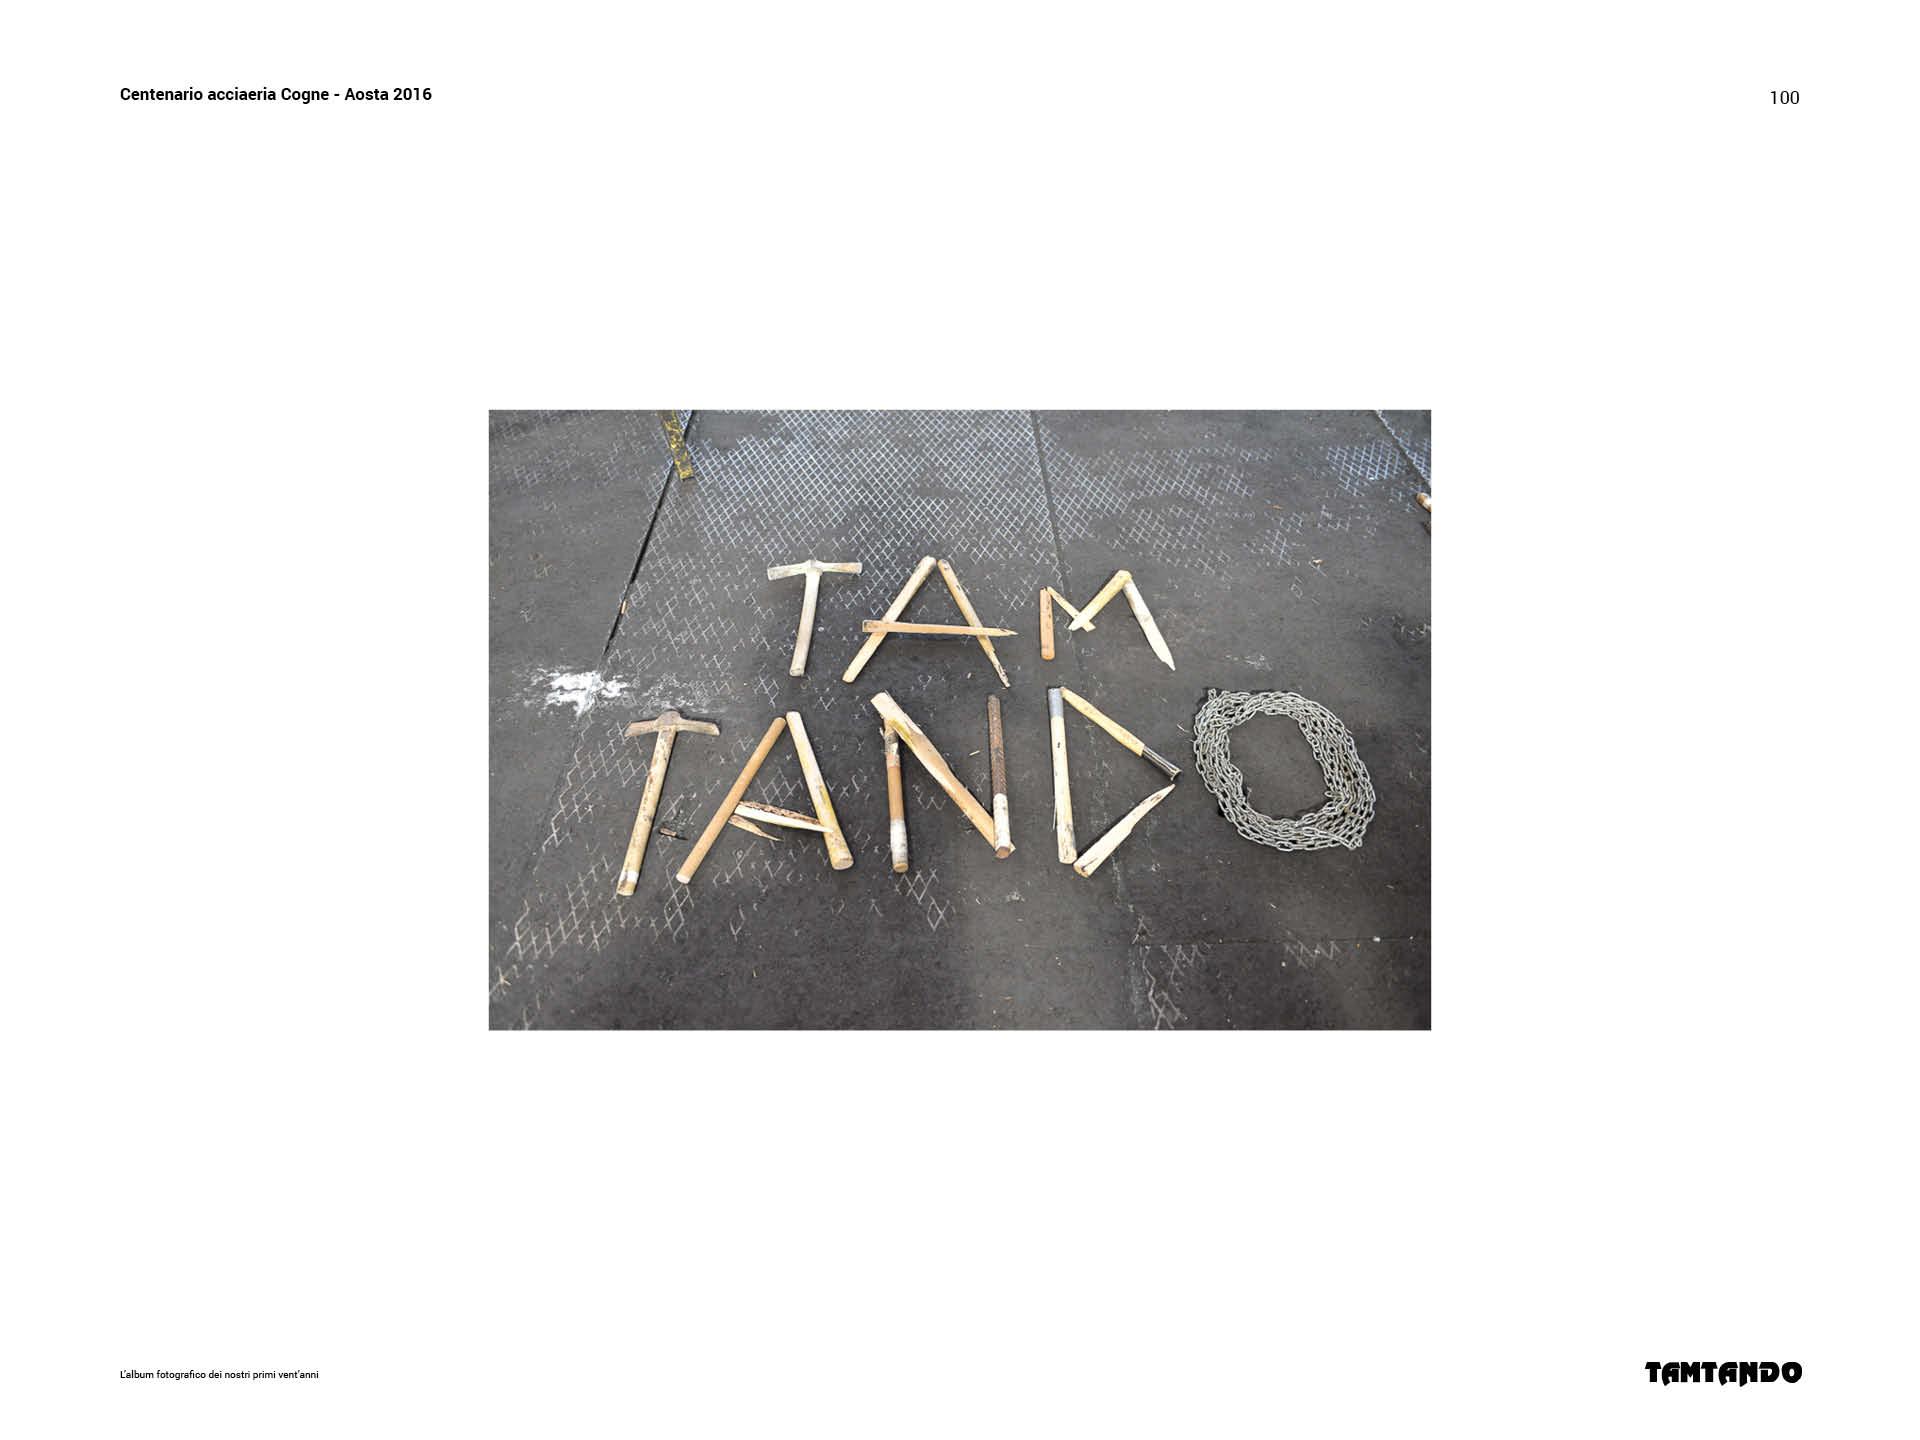 TAMTANDO_XXBOOK_100